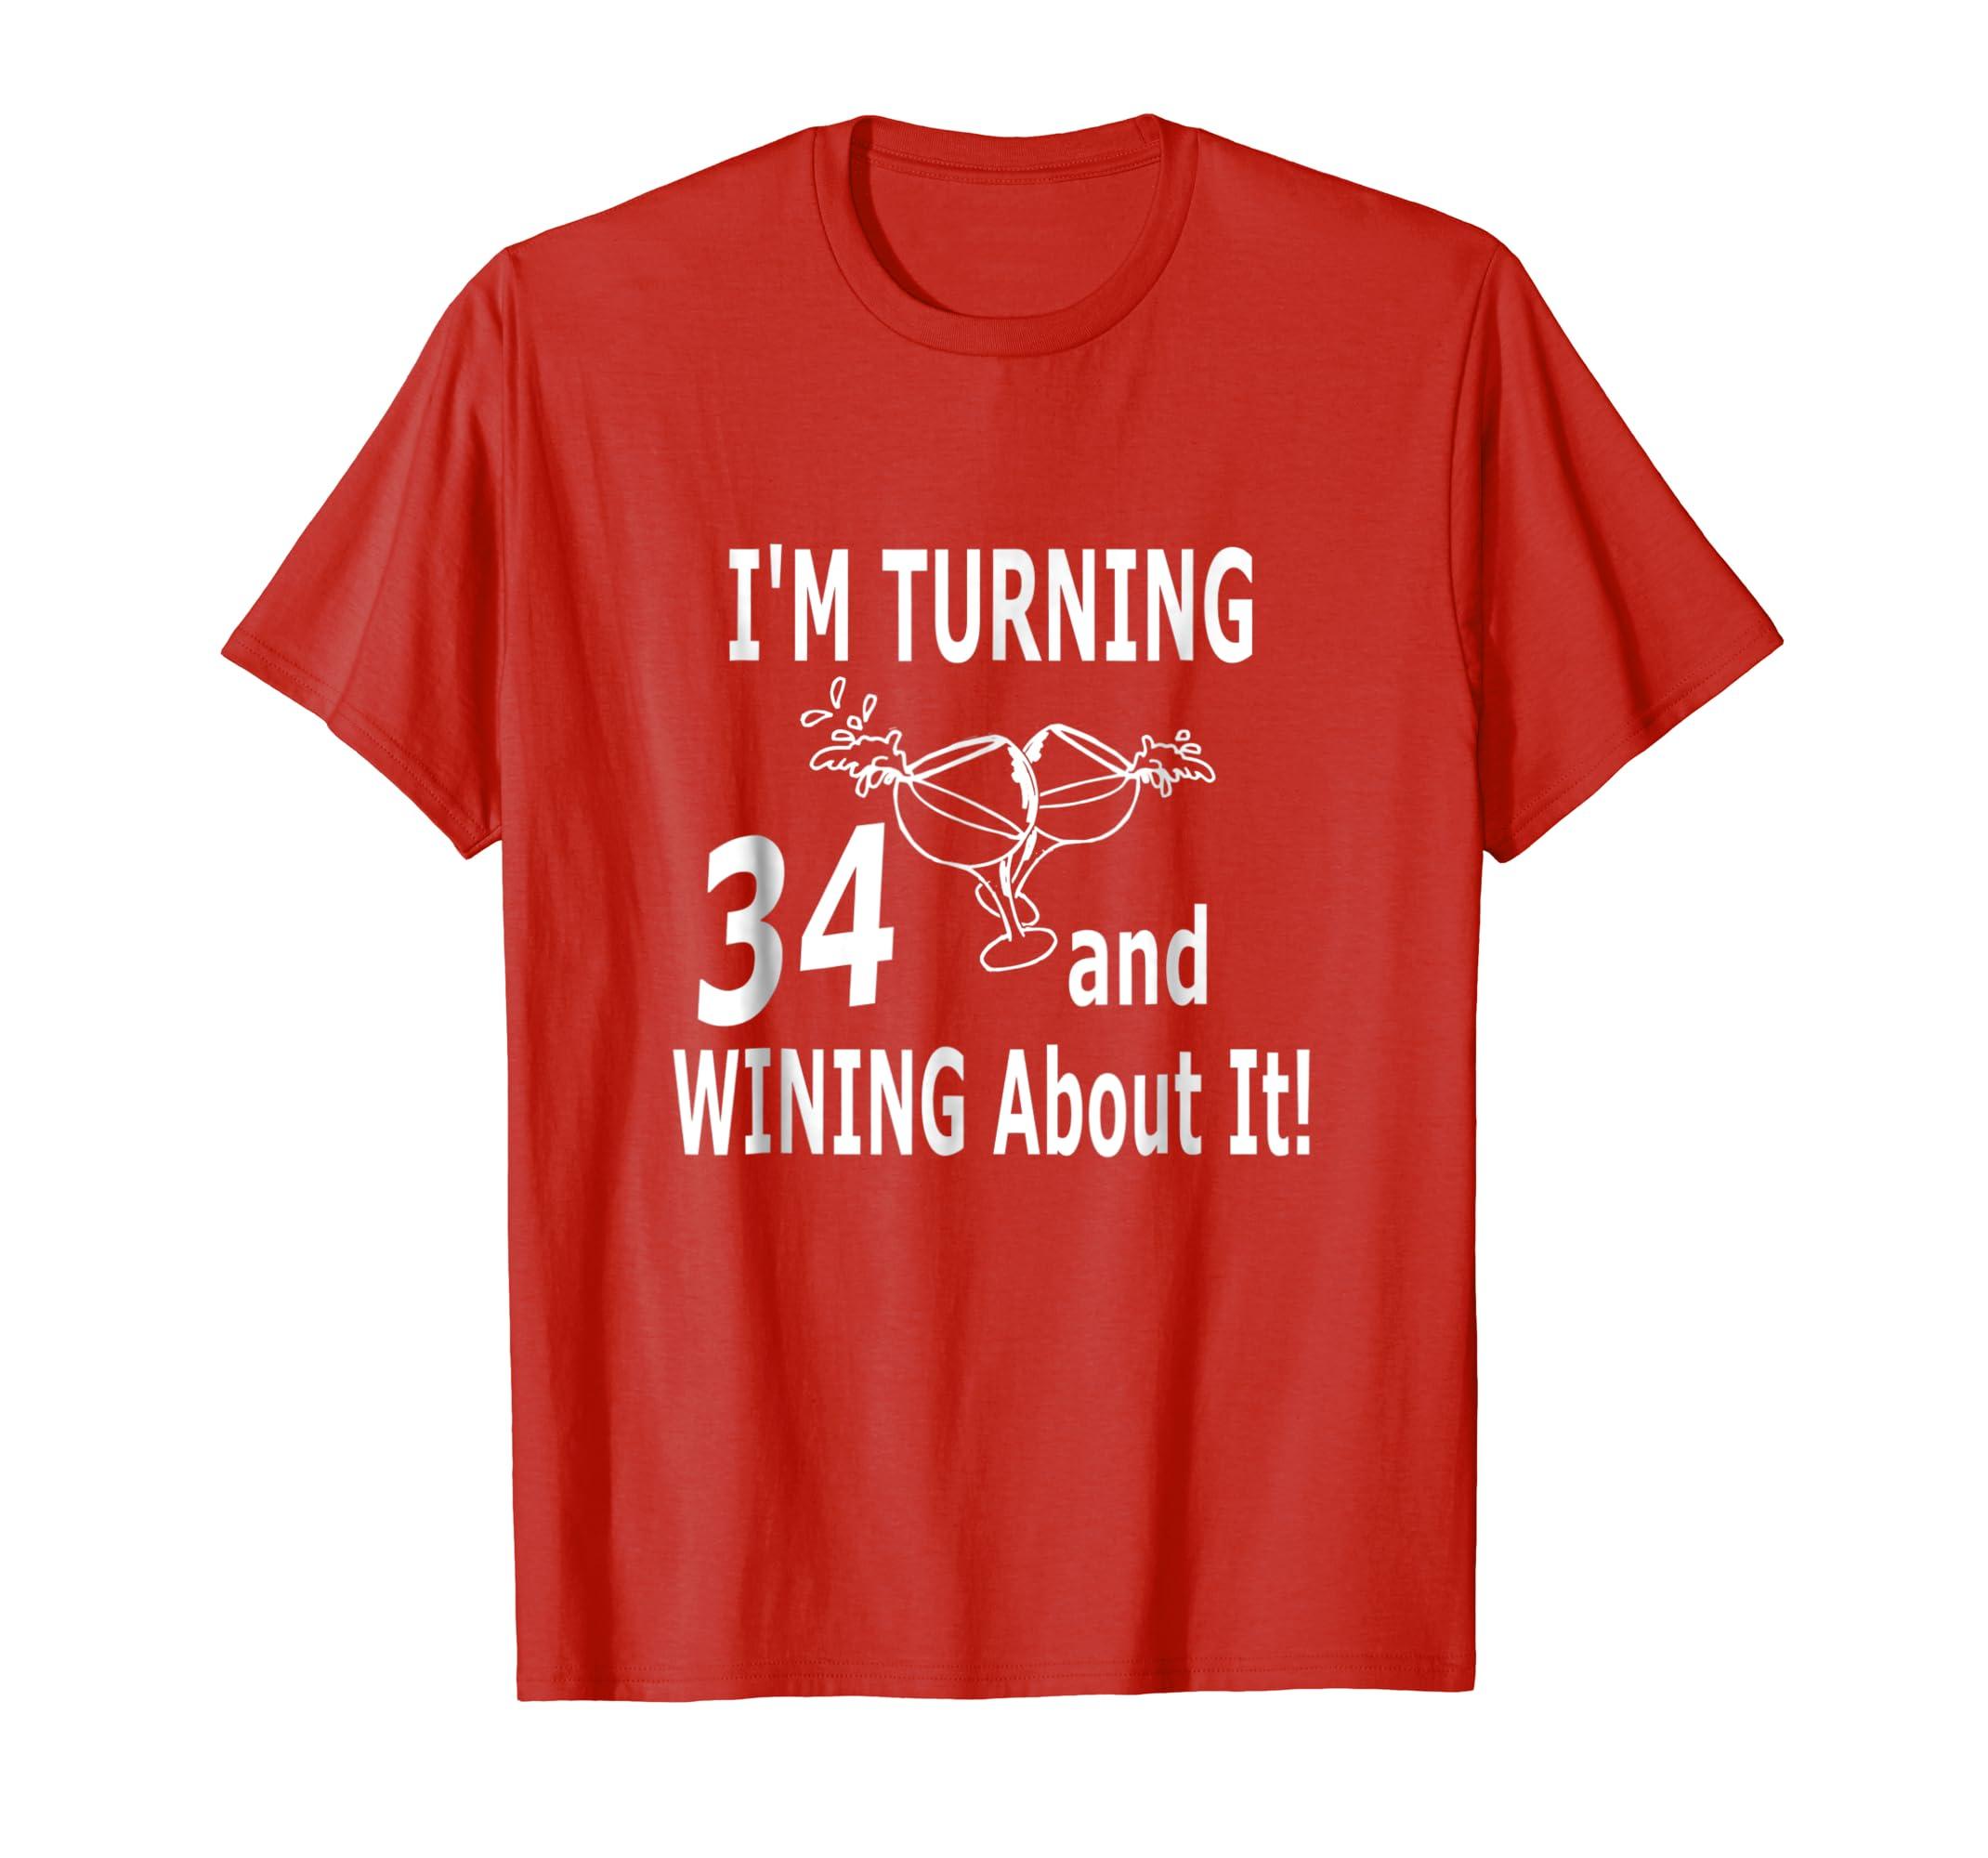 Amazon 34th Birthday Shirts For Men Women Turning 34 Year Old Shirt Clothing